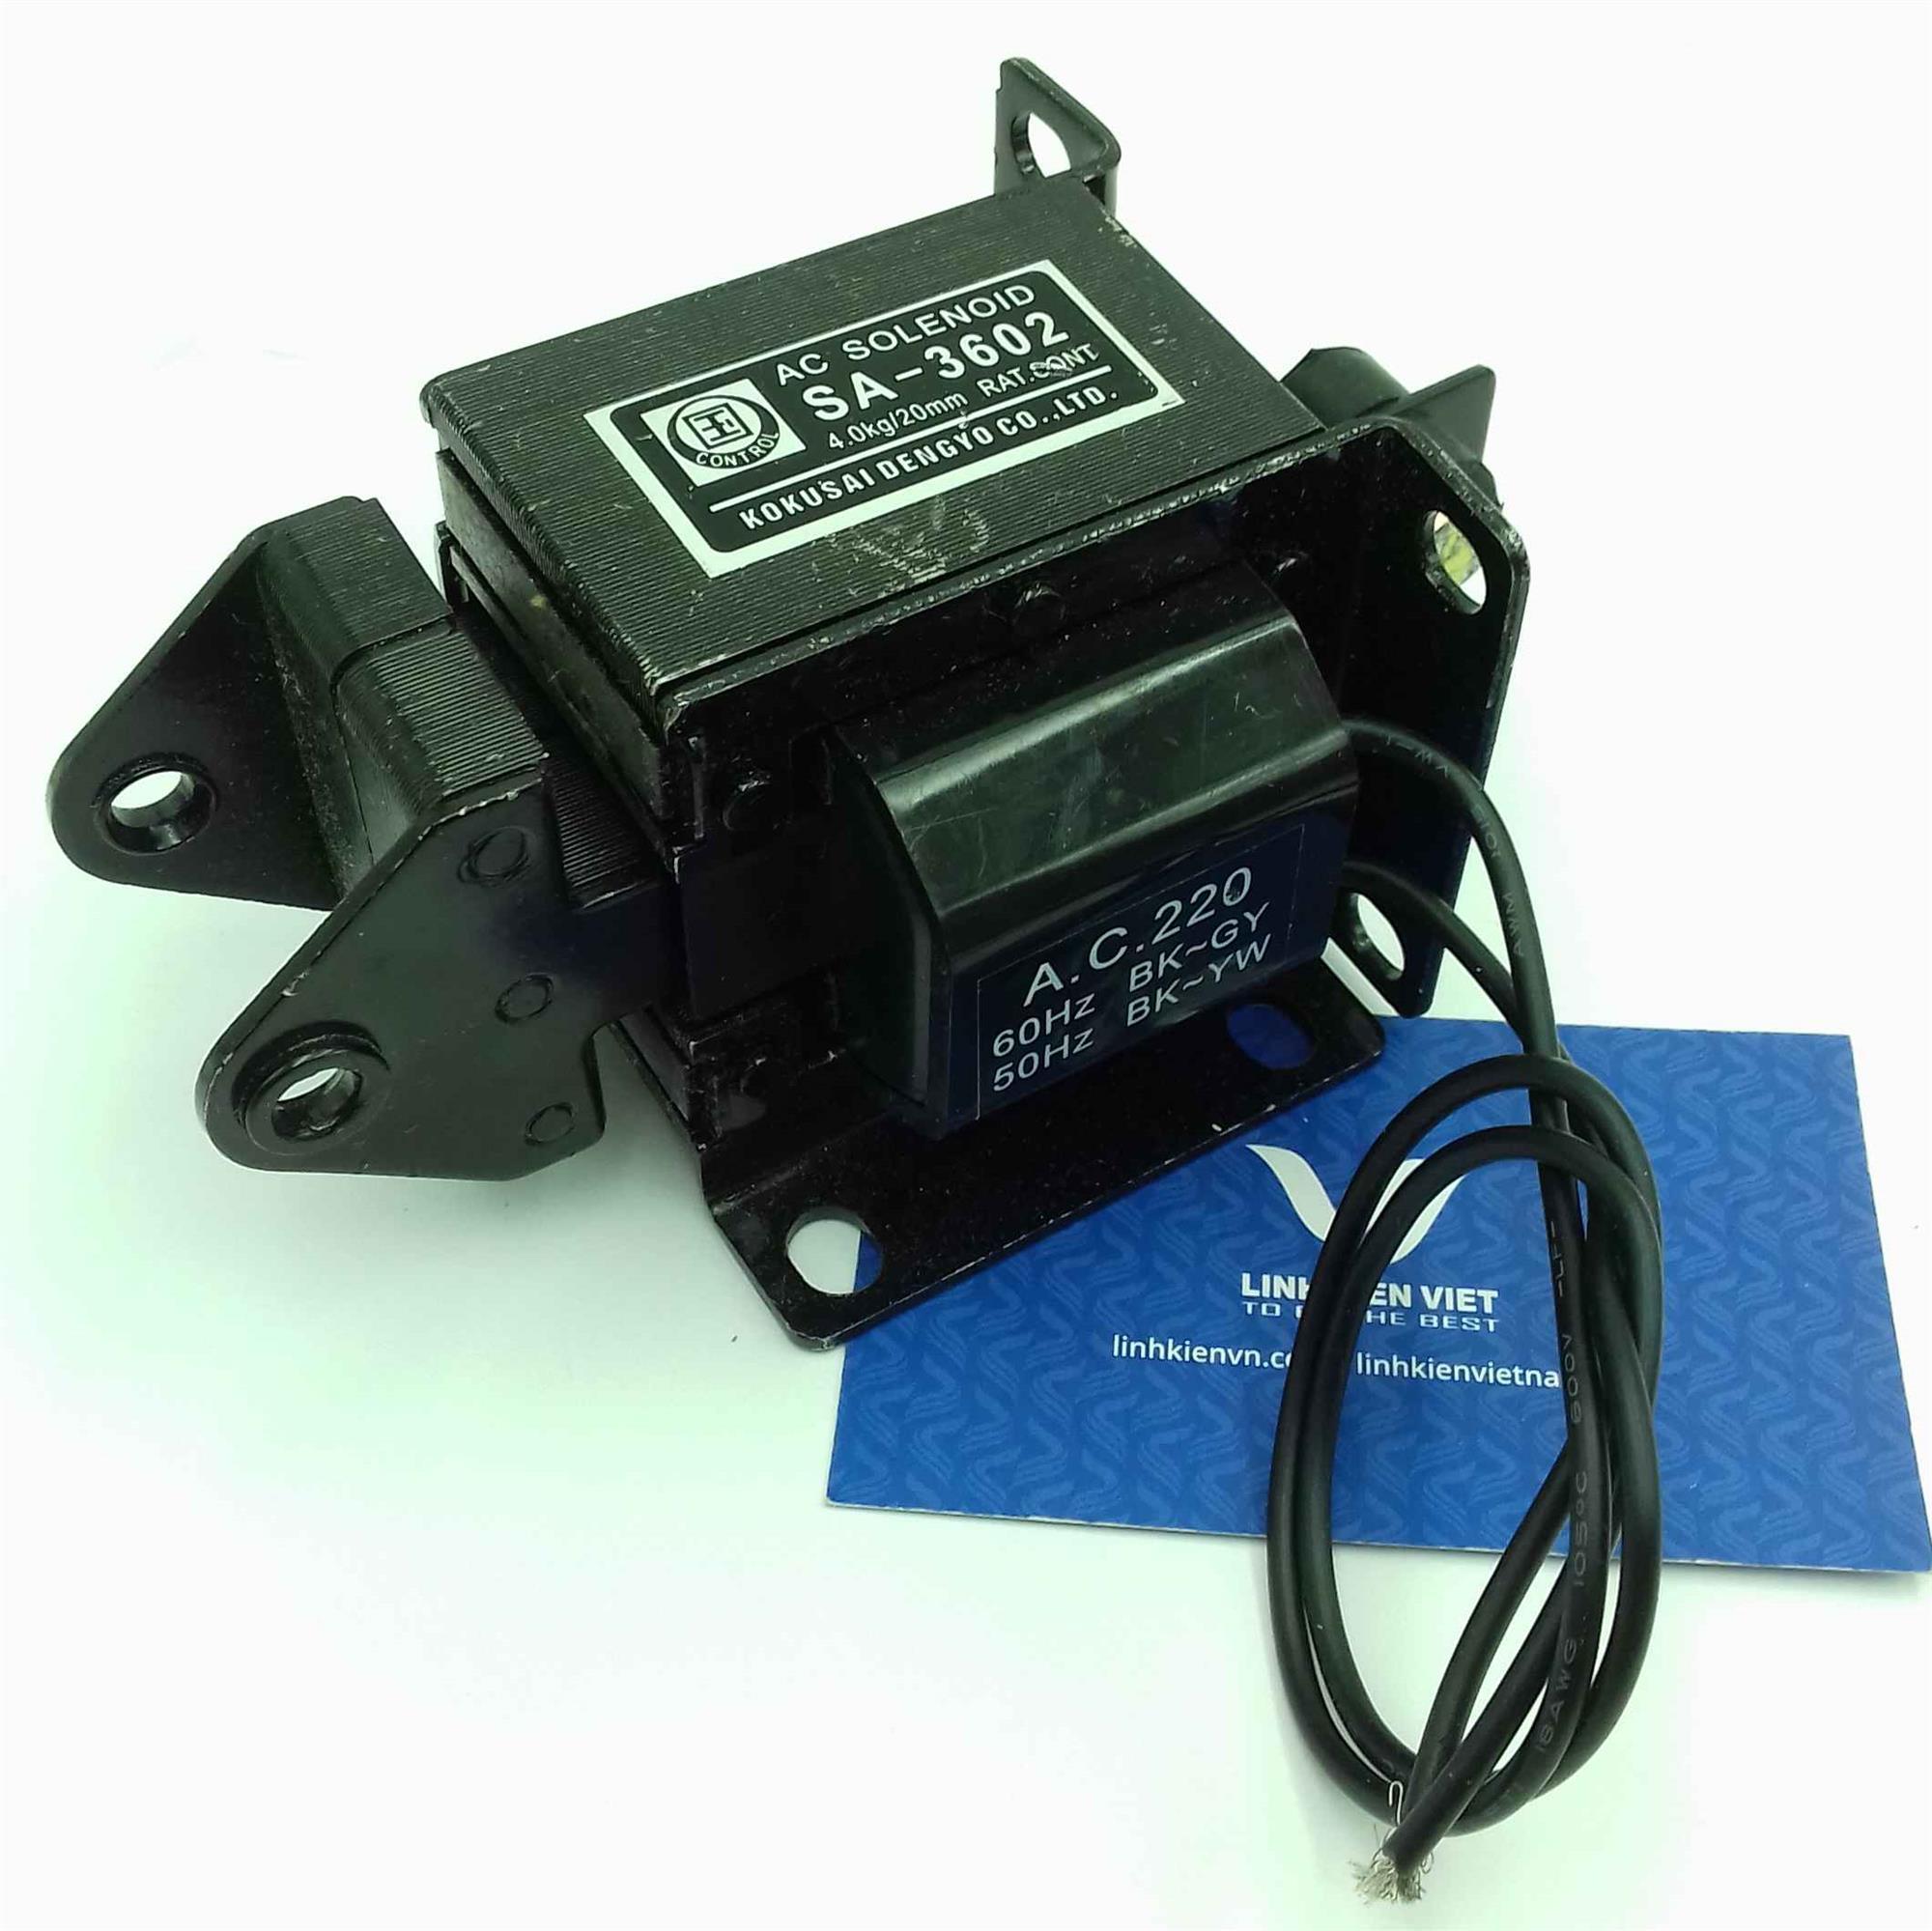 Cuộn hút 220V SA-3602 19.6N kéo 4kg hành trình 20mm -